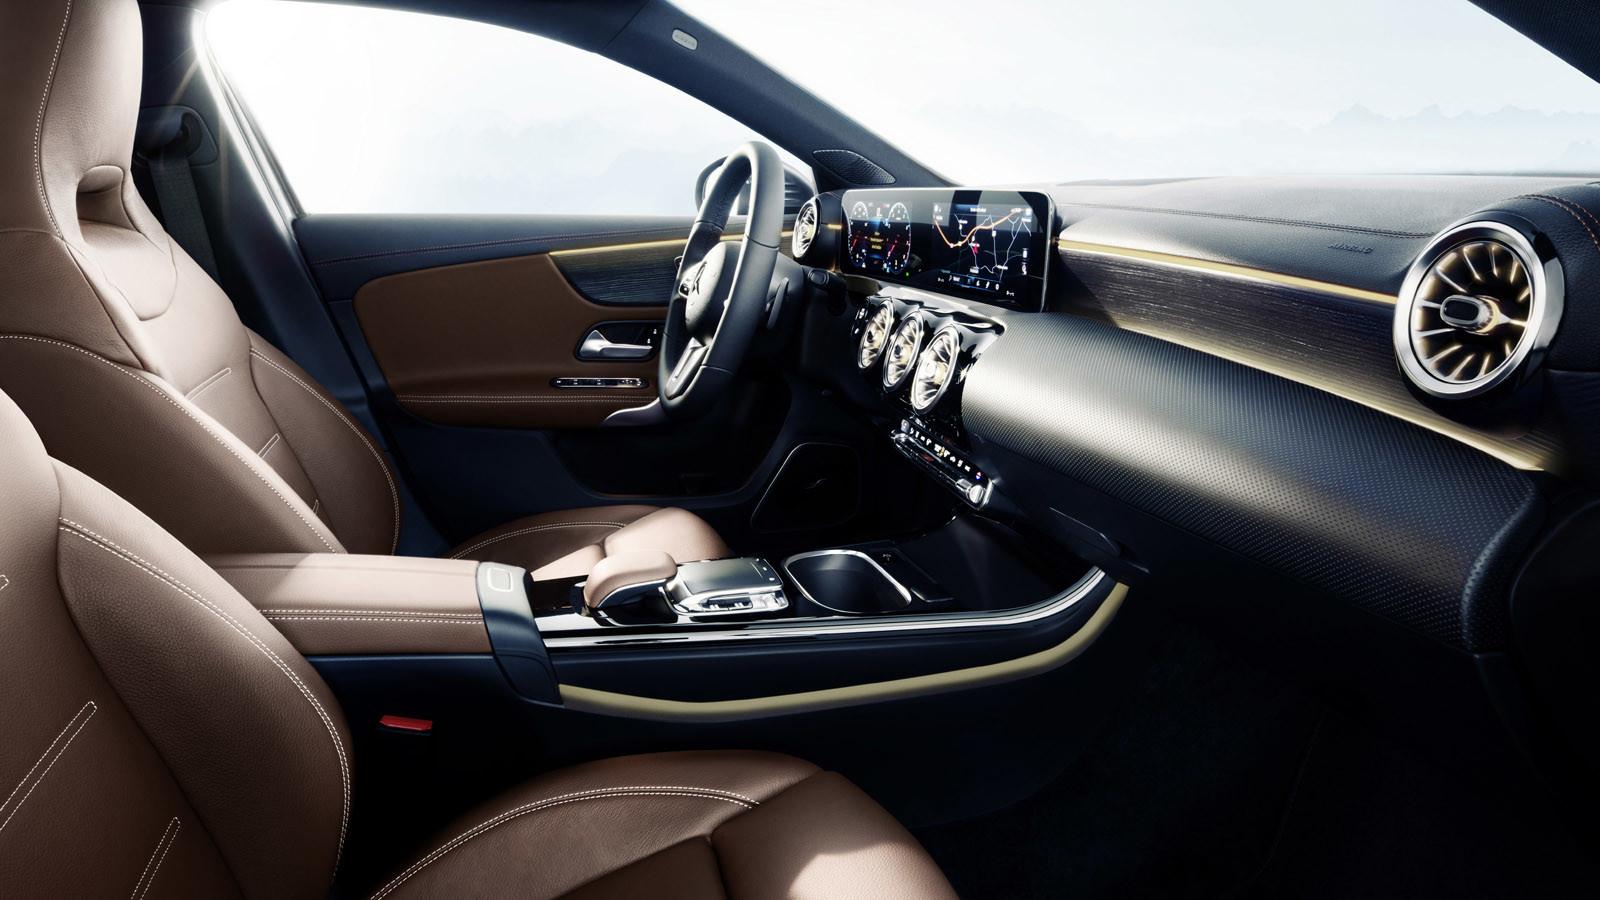 Mercedes-Benz Clase A 2018: impresiones del interior